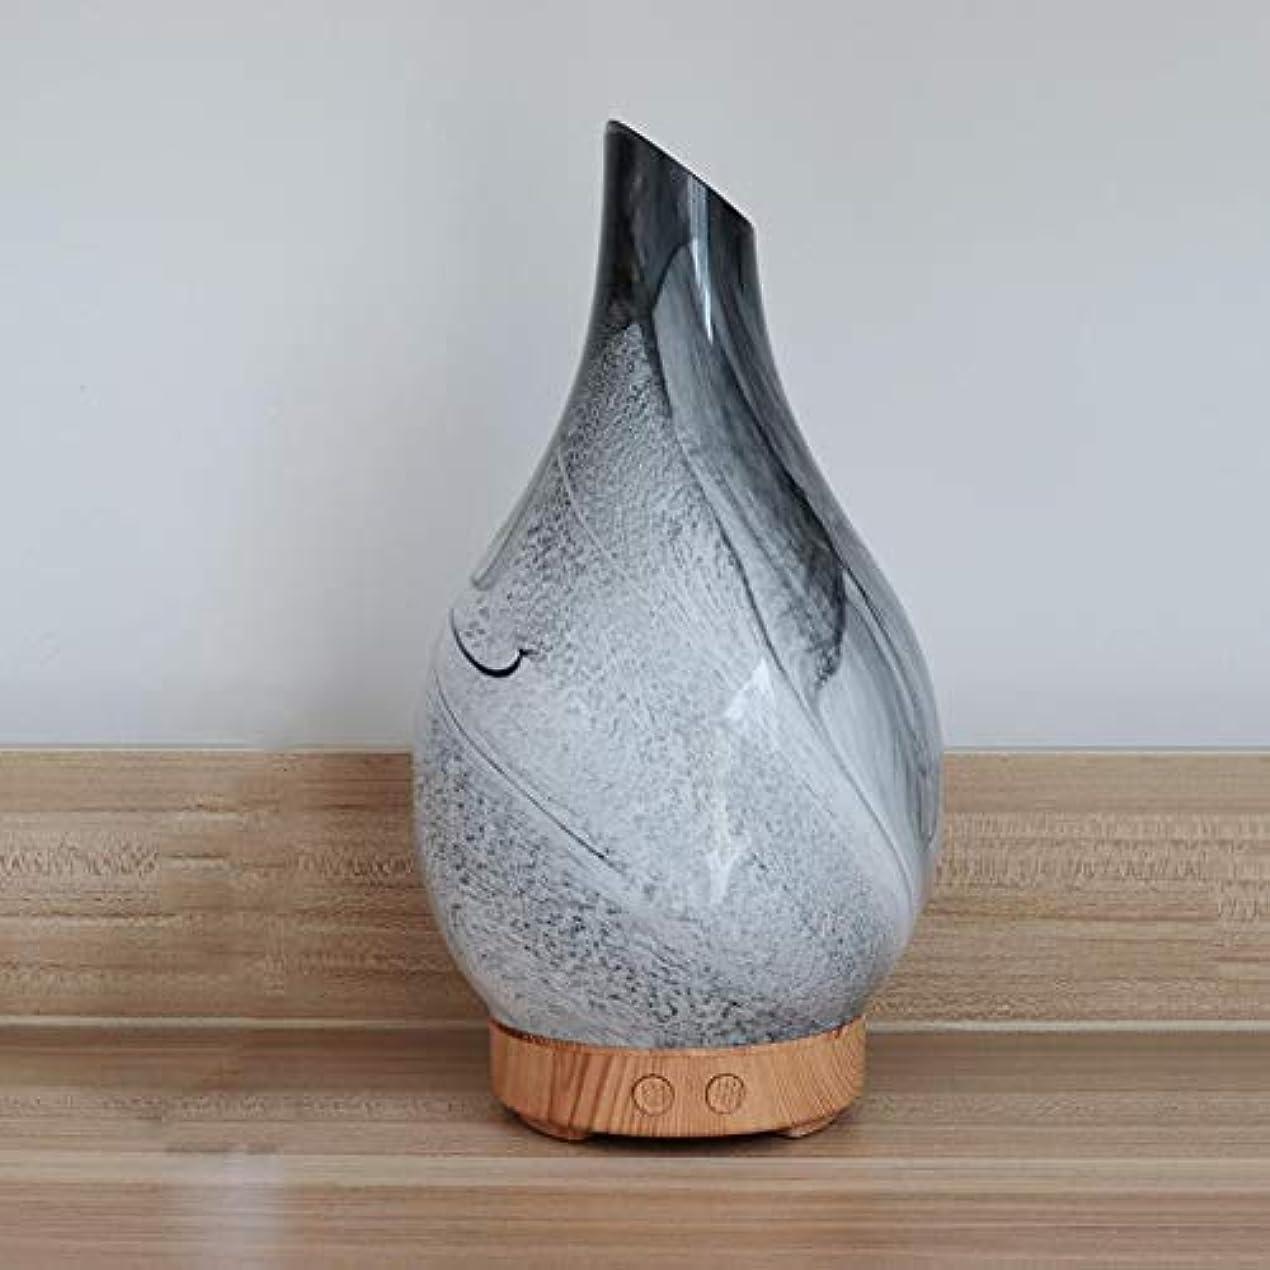 地元あいにく再編成する花瓶の形 ガラス デスクトップ 加湿器,7 色 美しい 加湿機 アロマ 精油 ディフューザー 涼しい霧 空気を浄化 アロマネブライザー-木材